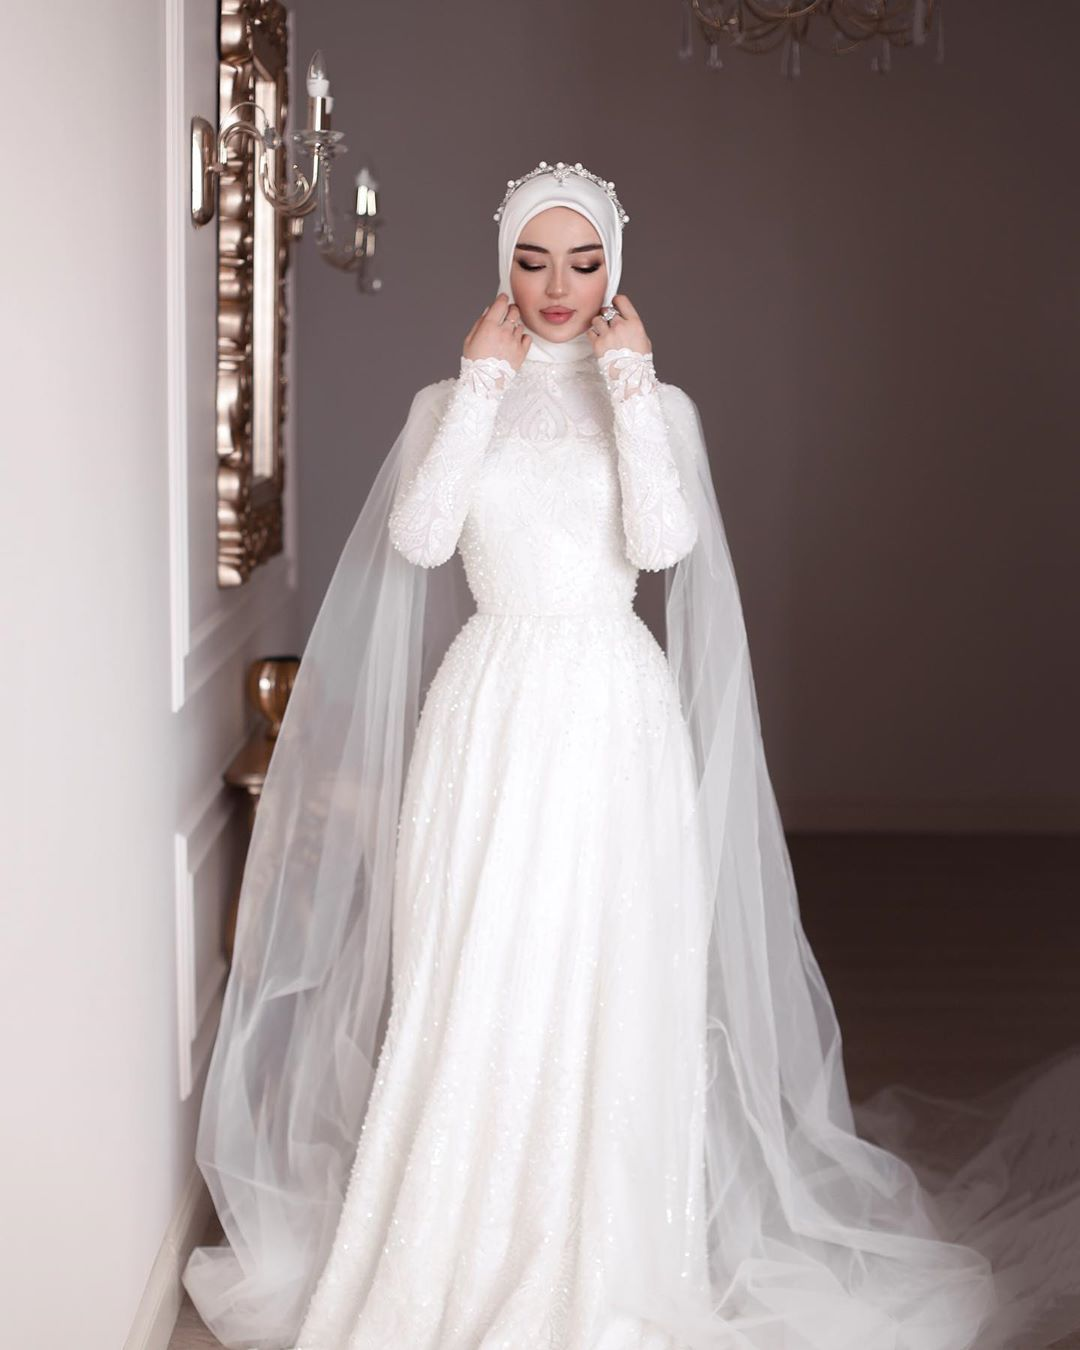 Pin by Karla on Свадьба in 18  Muslim wedding gown, Muslimah